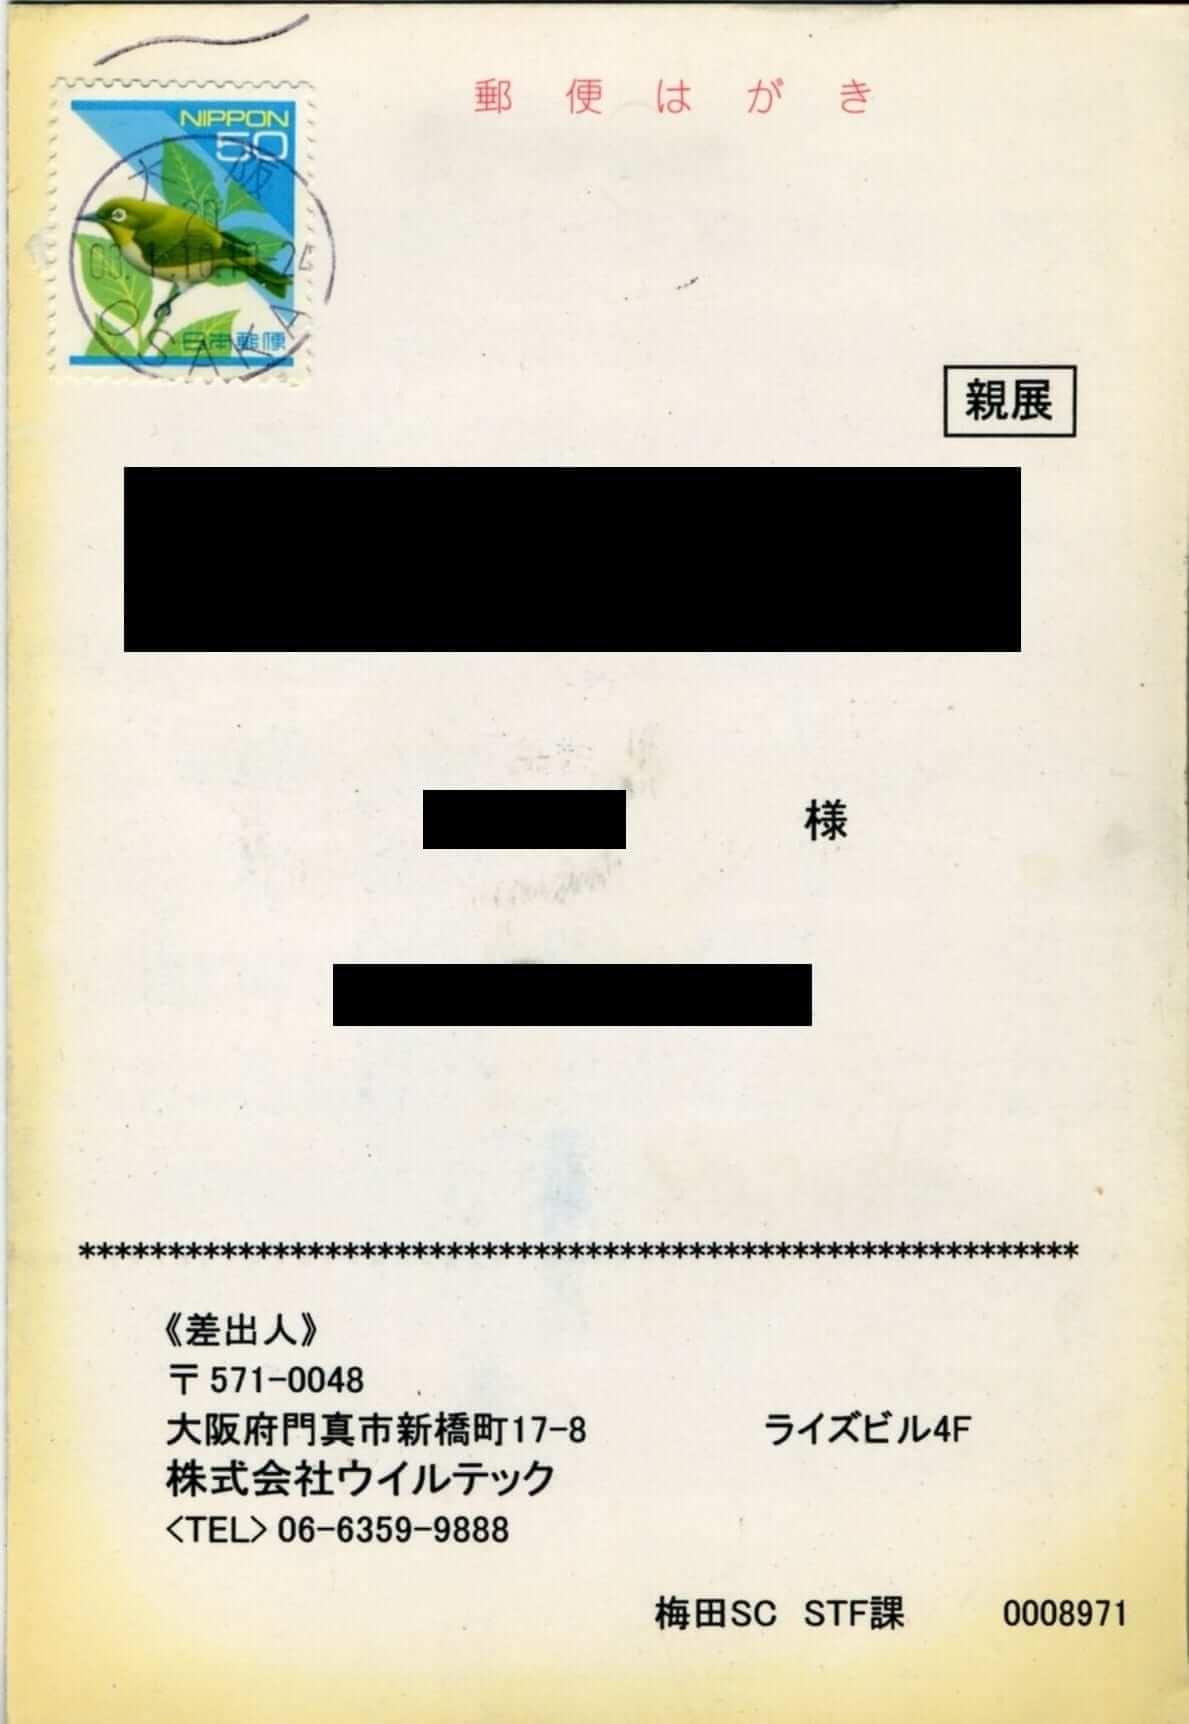 株式会社ウイルテック 沖縄おもろまち支店